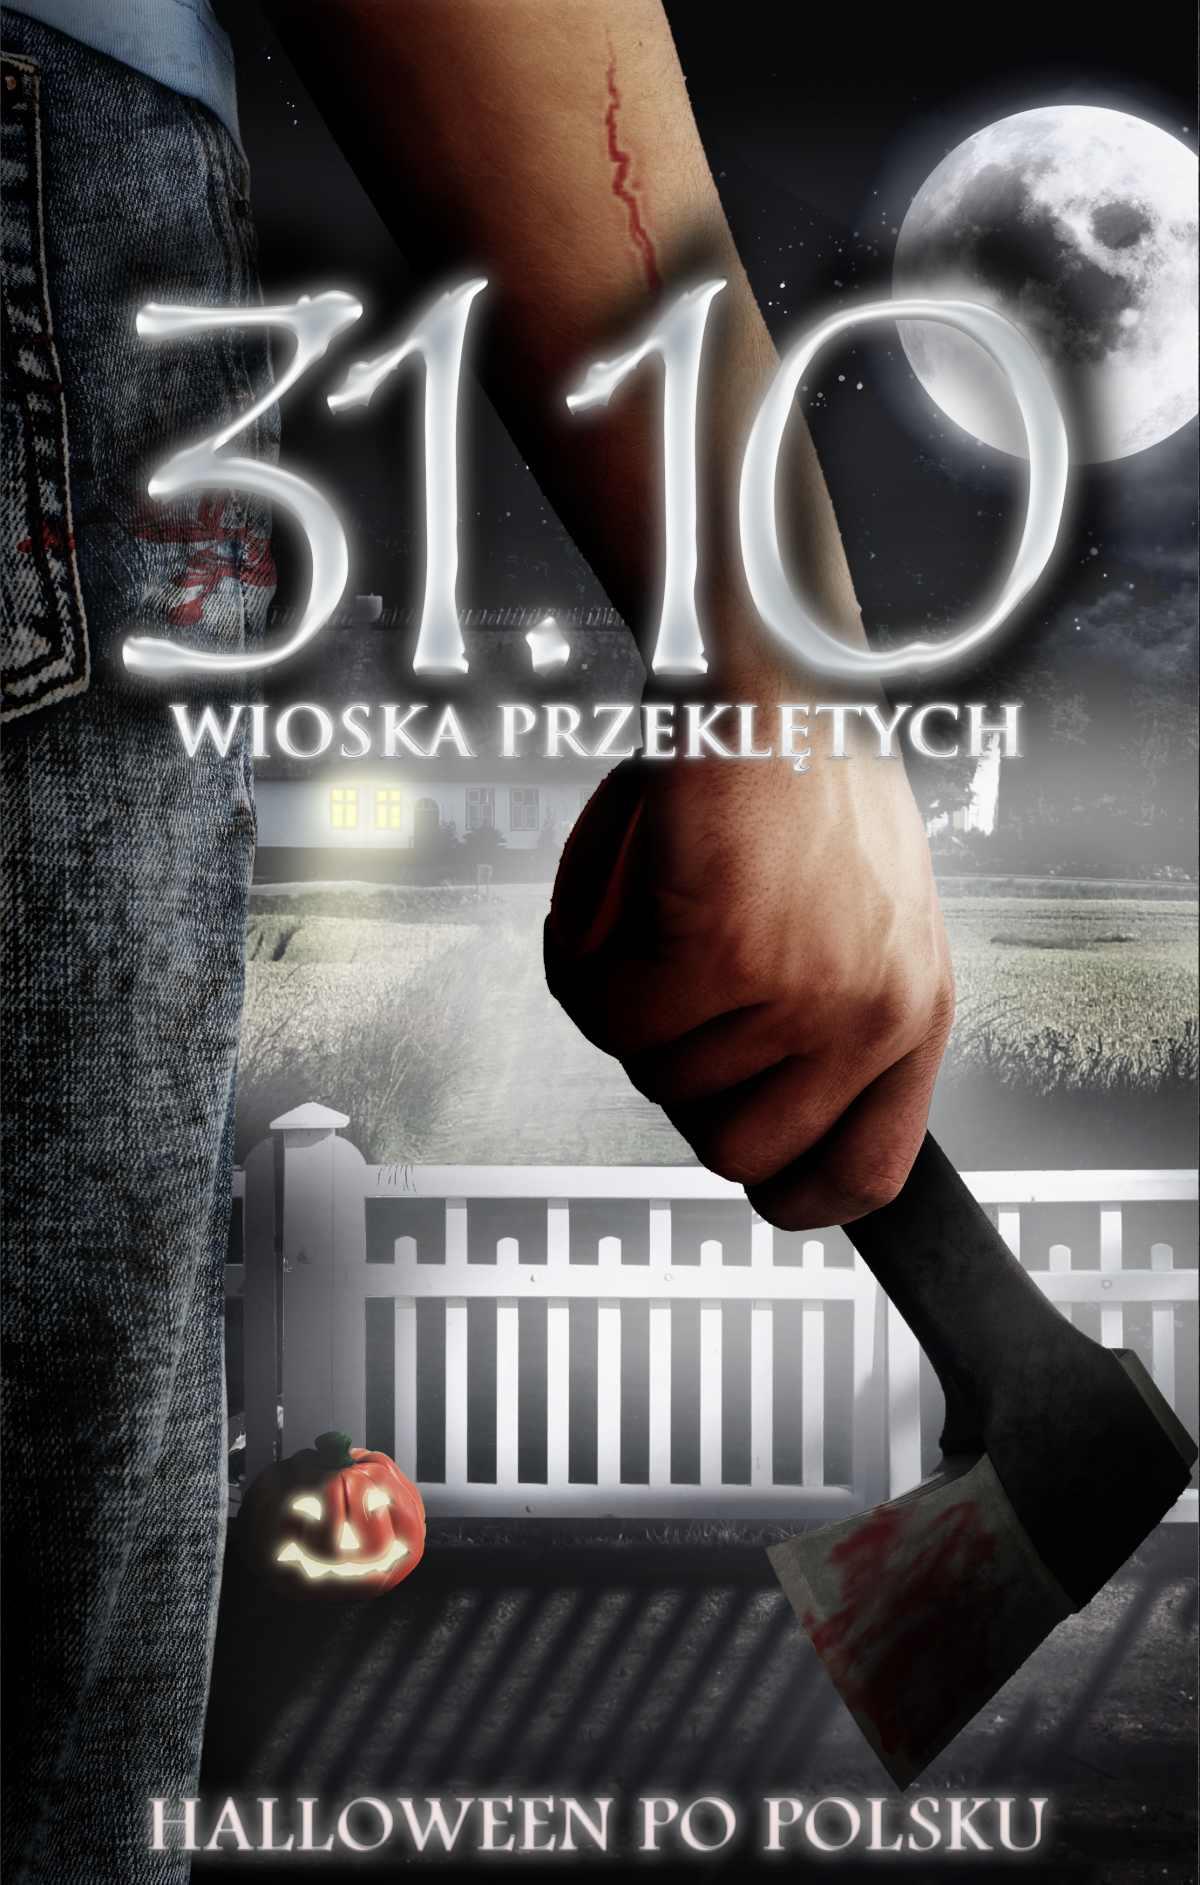 31.10 Wioska przeklętych - Ebook (Książka EPUB) do pobrania w formacie EPUB